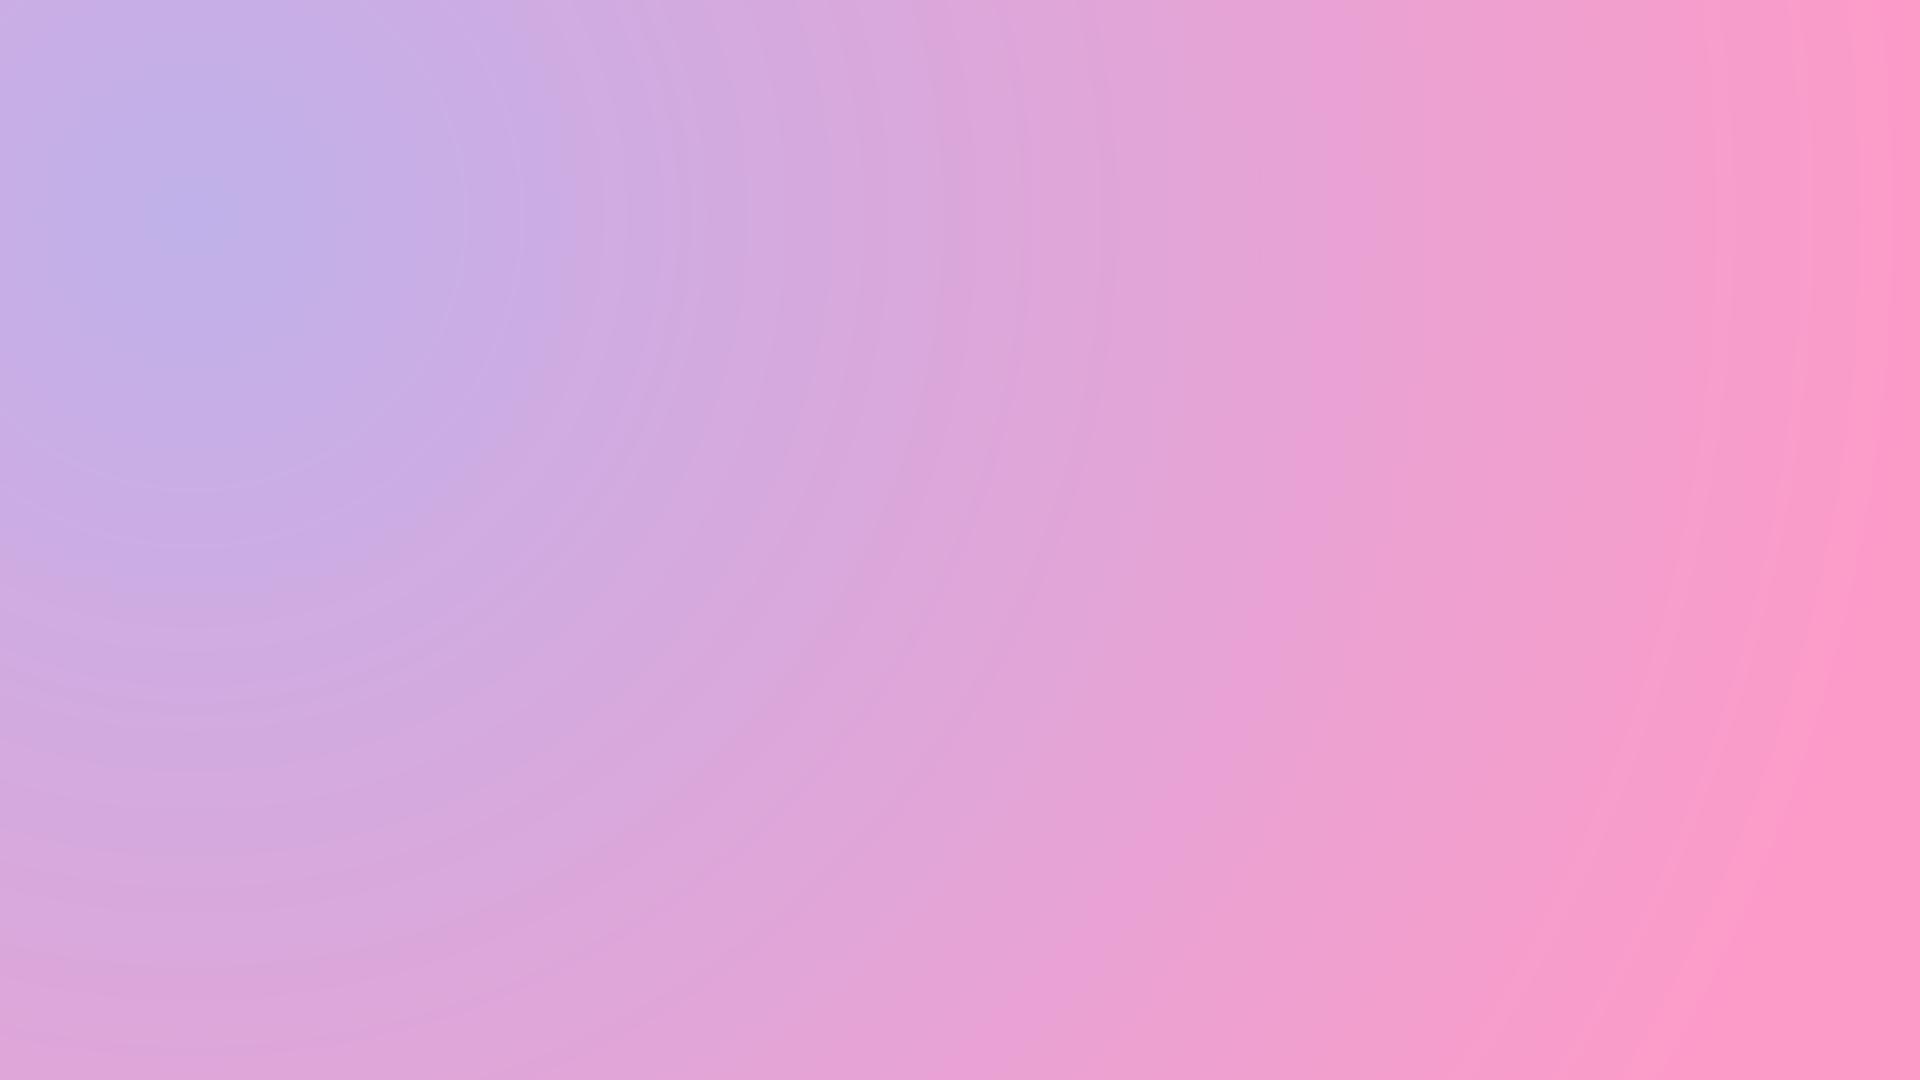 Pink Gradient Gradient